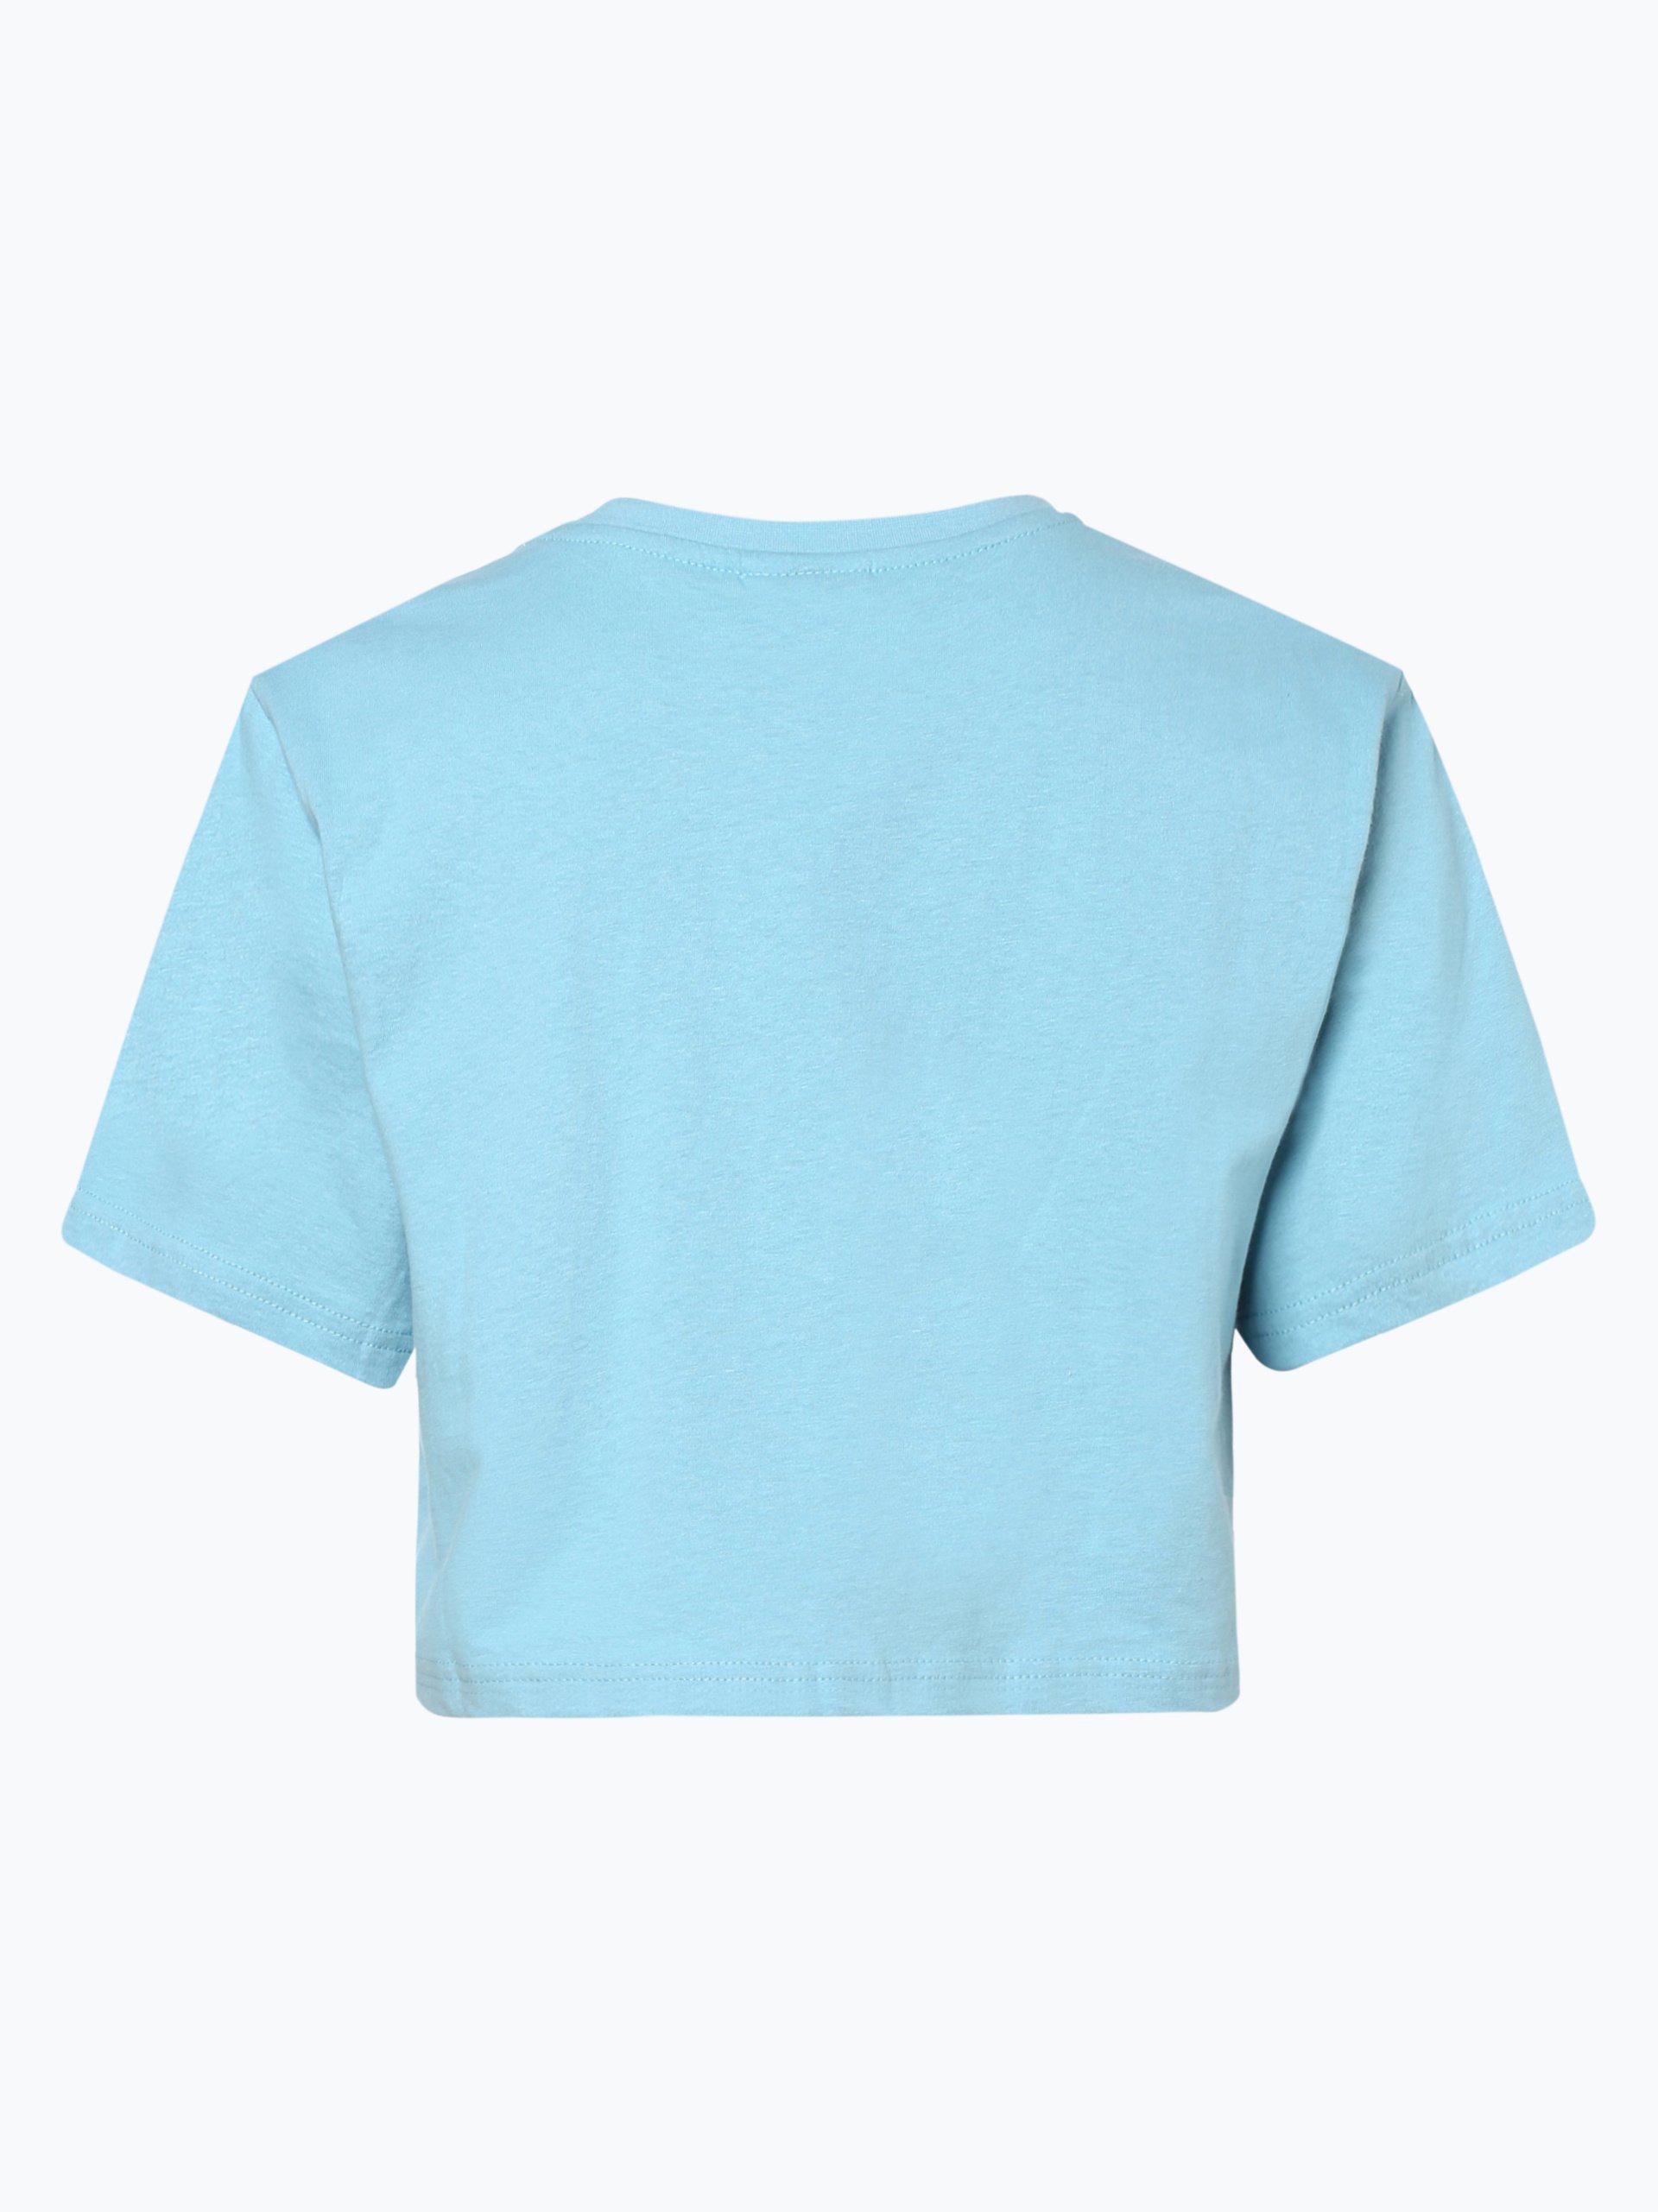 ellesse Damen T-Shirt - Fireball